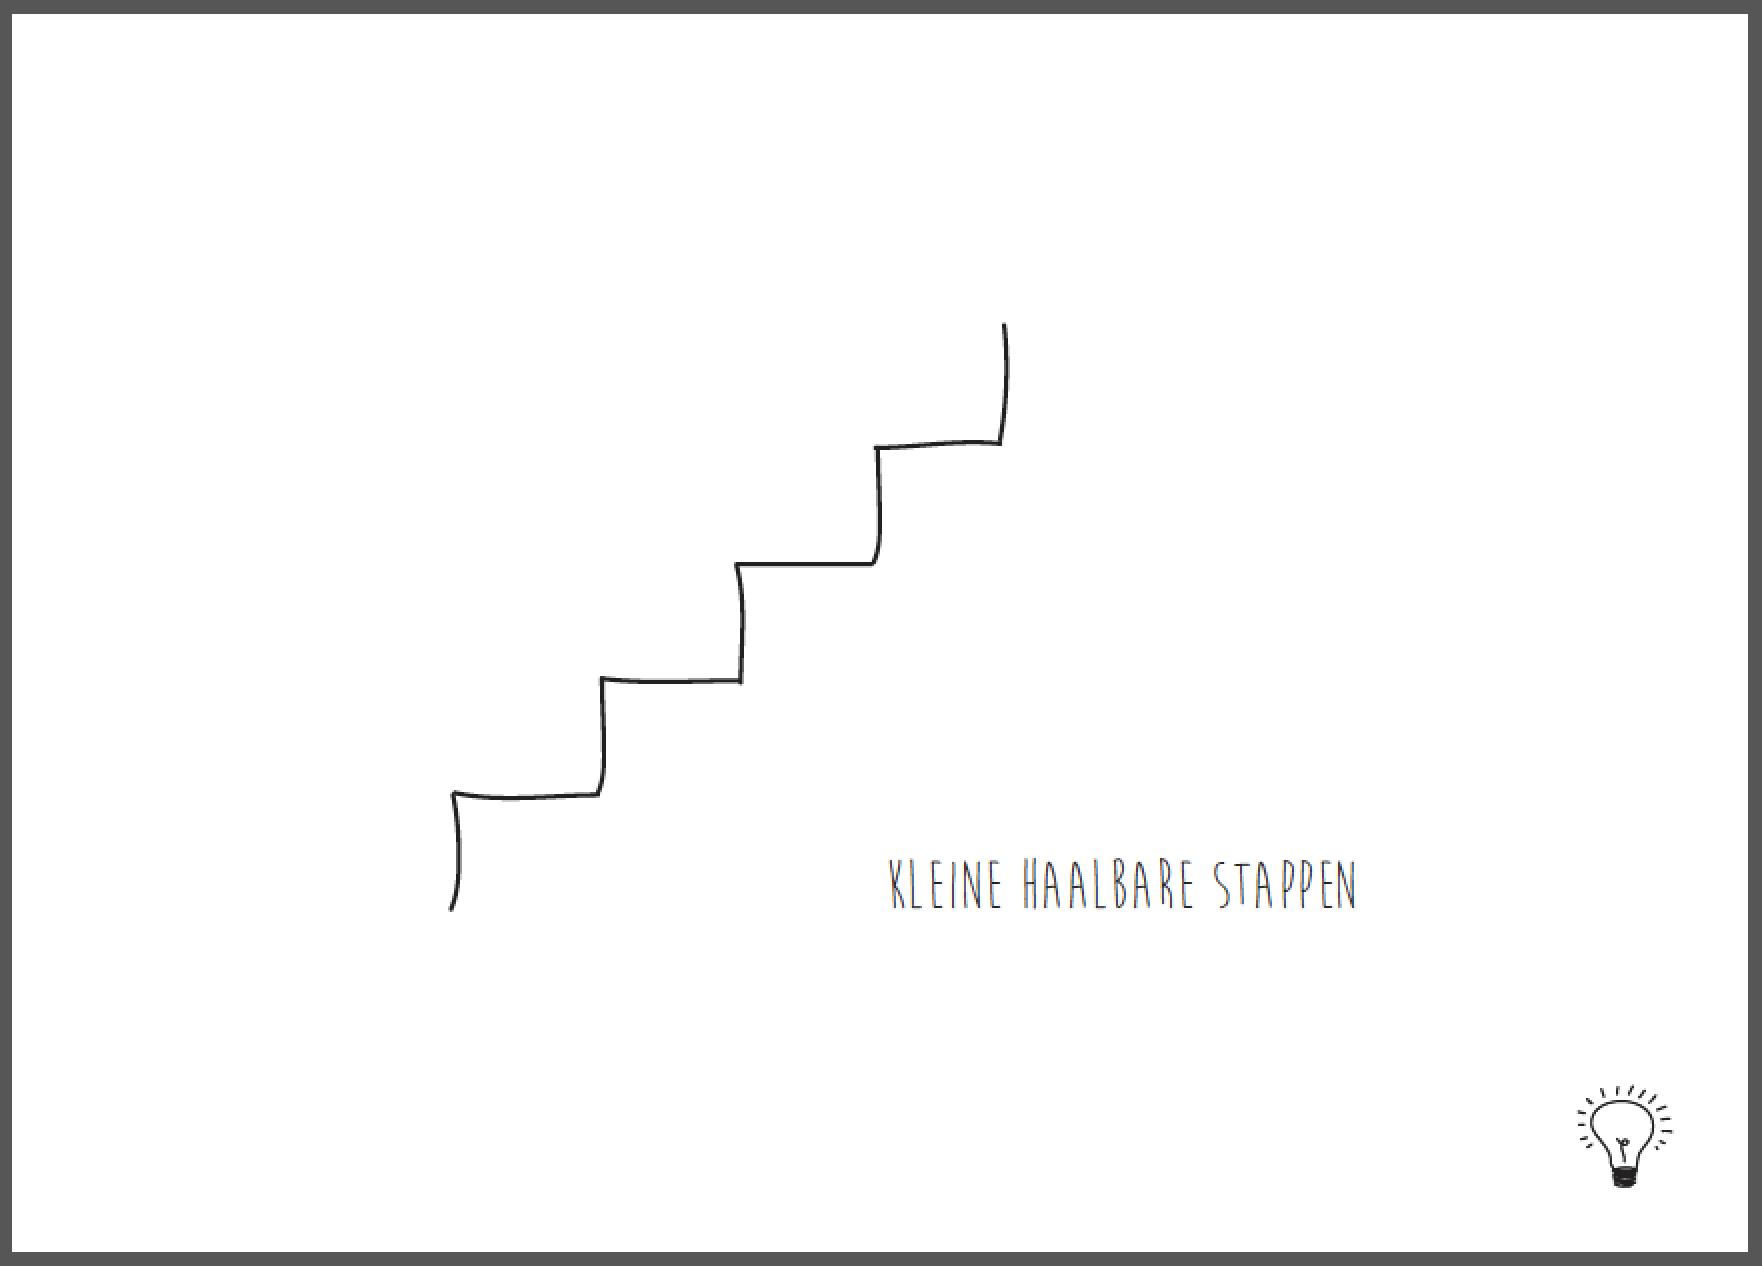 arnout-visscher-kleine-haalbare-stappen